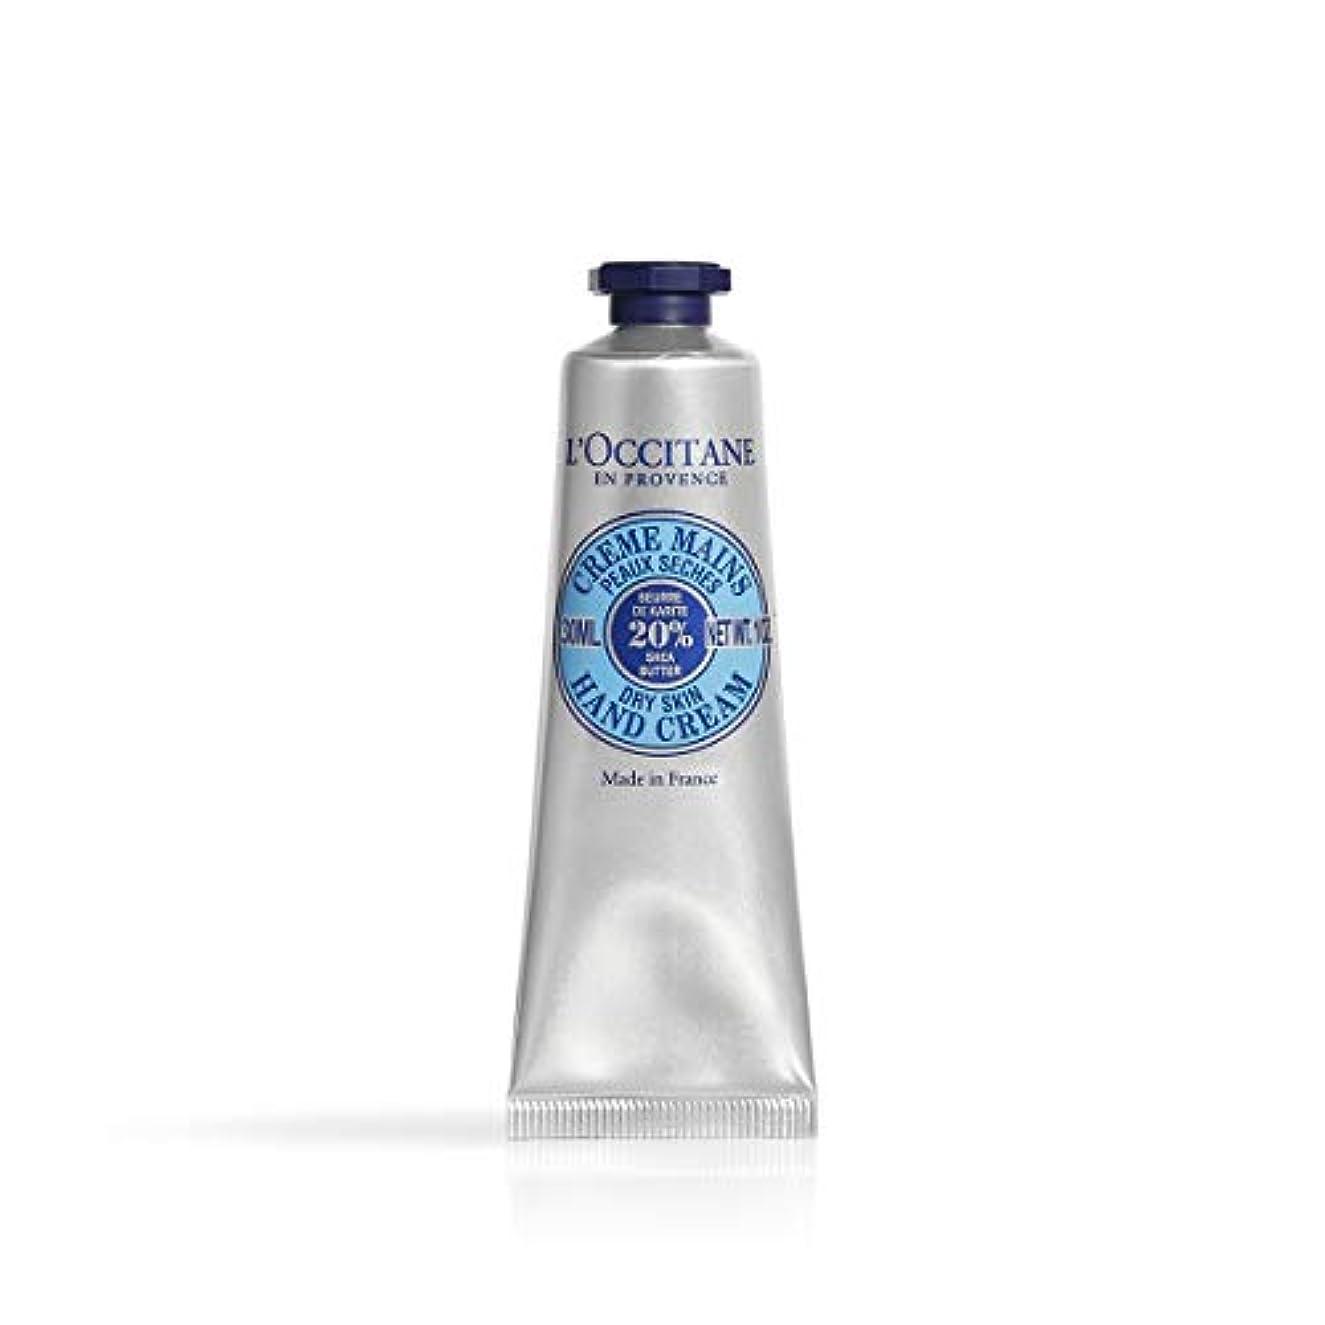 シェーバー破滅的な乳剤ロクシタン(L'OCCITANE) シア ハンドクリーム 30ml